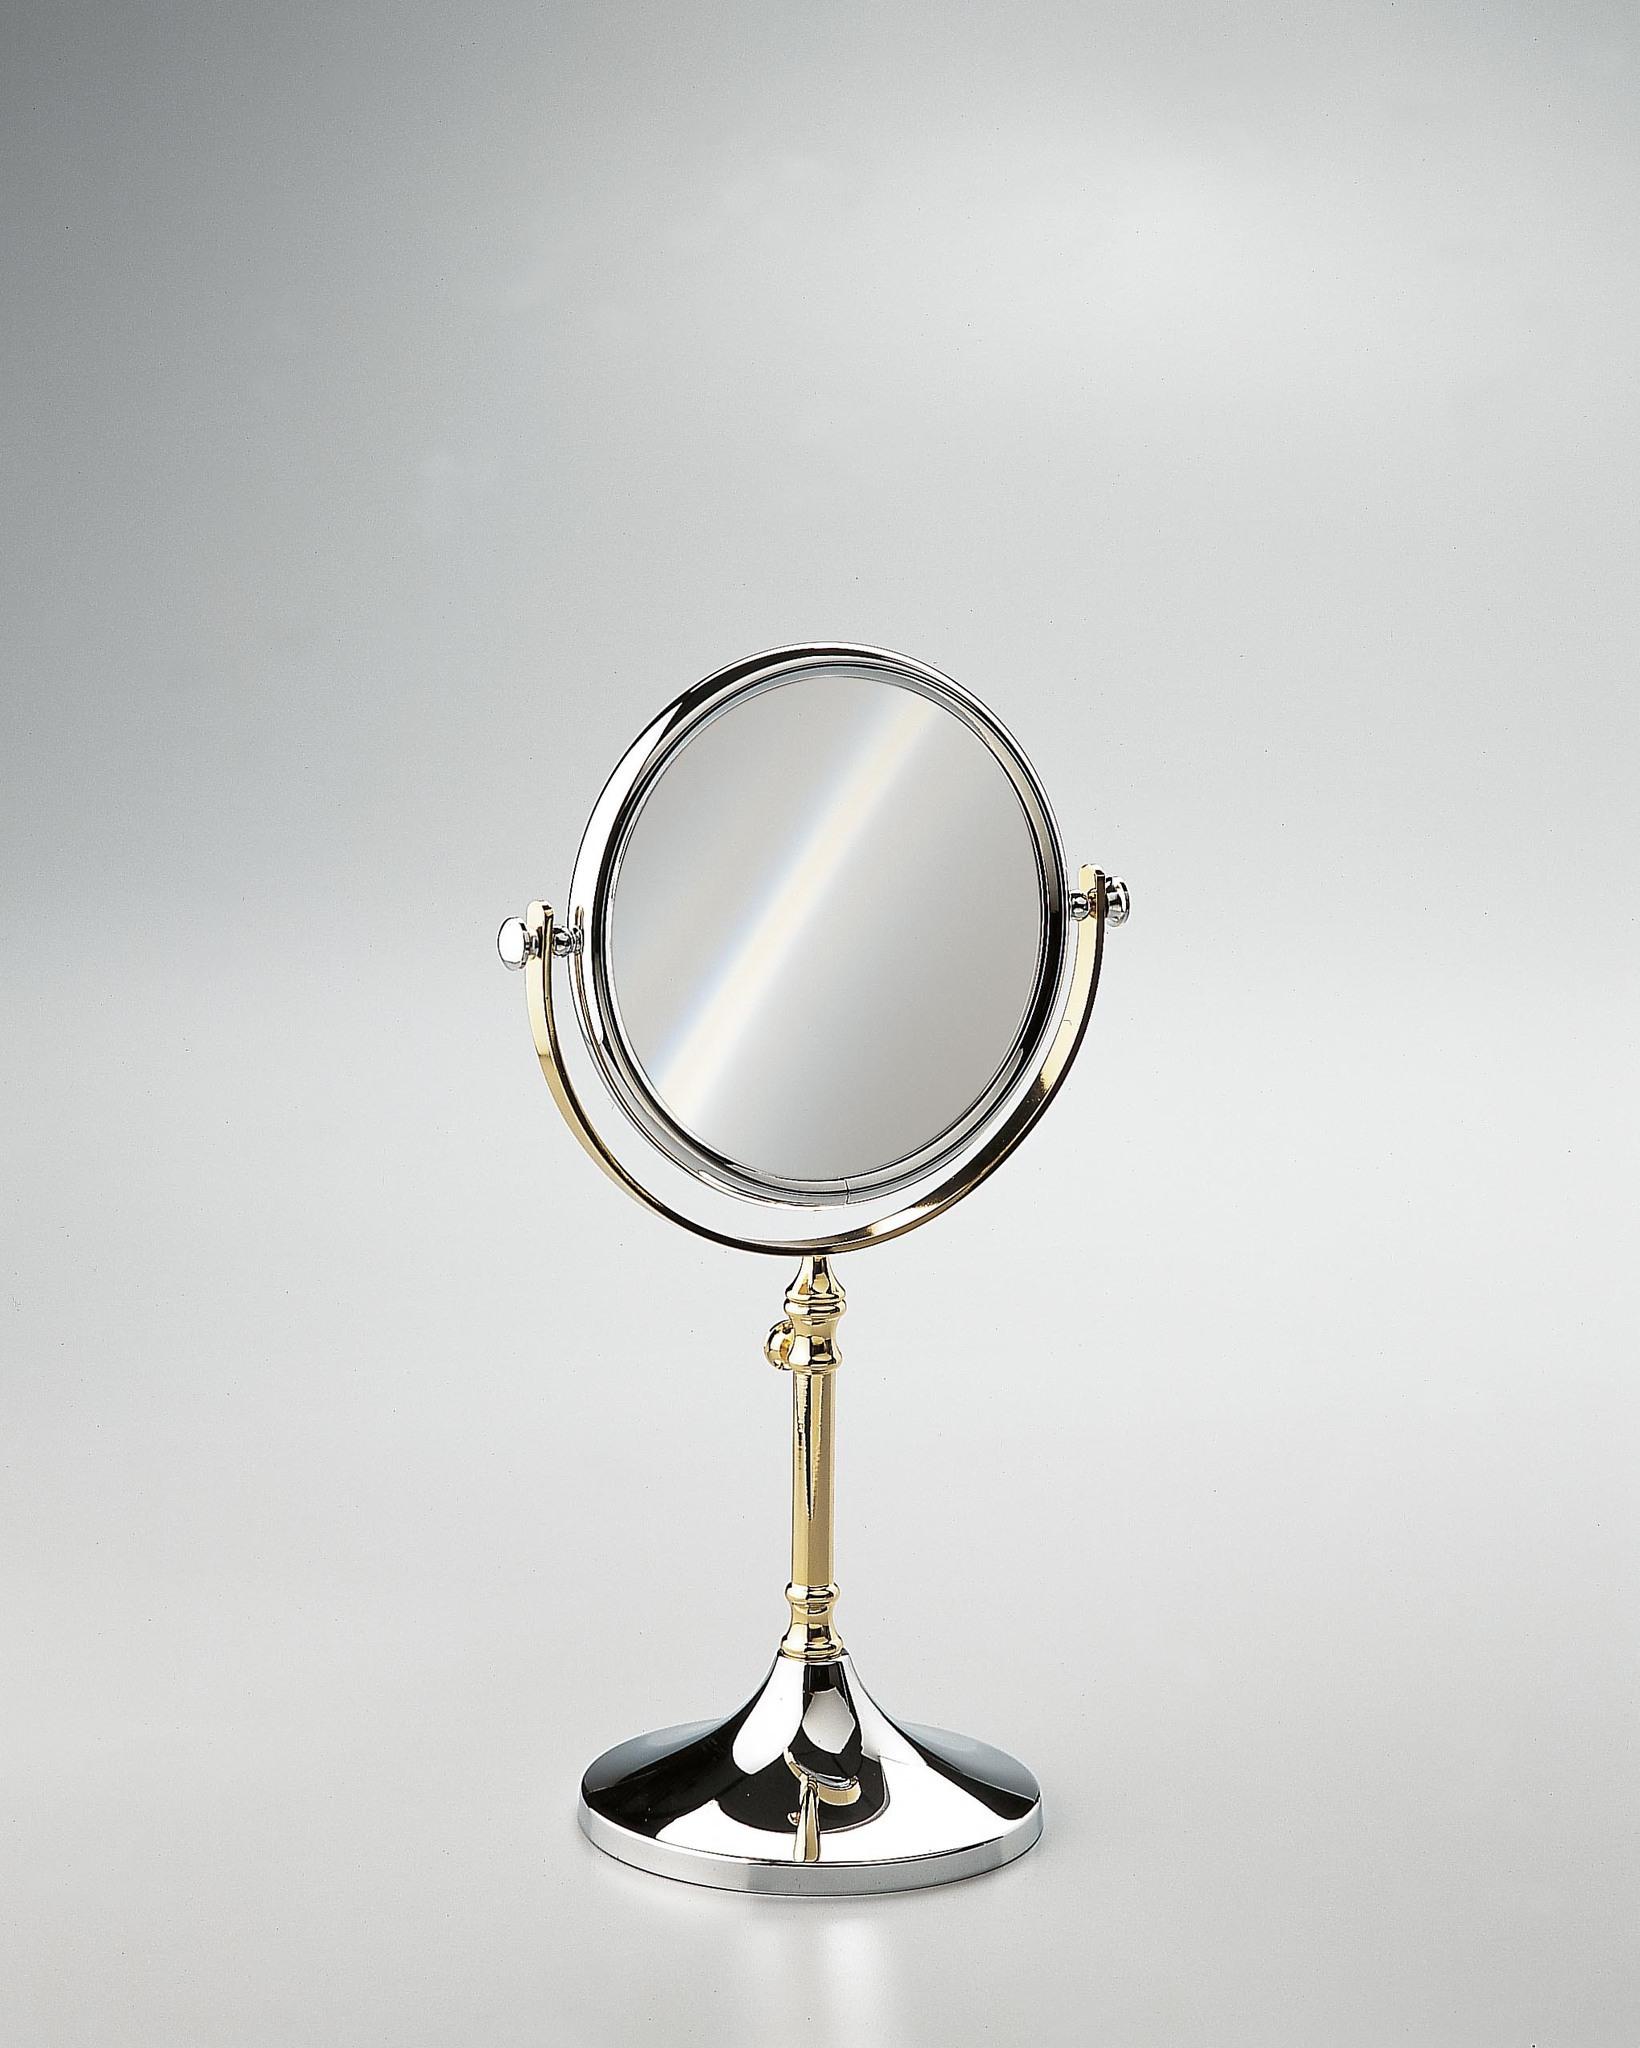 Зеркала Зеркало косметическое Windisch 99104CRO 3X elitnoe-zerkalo-kosmeticheskoe-99104-ot-windisch-ispaniya.JPG